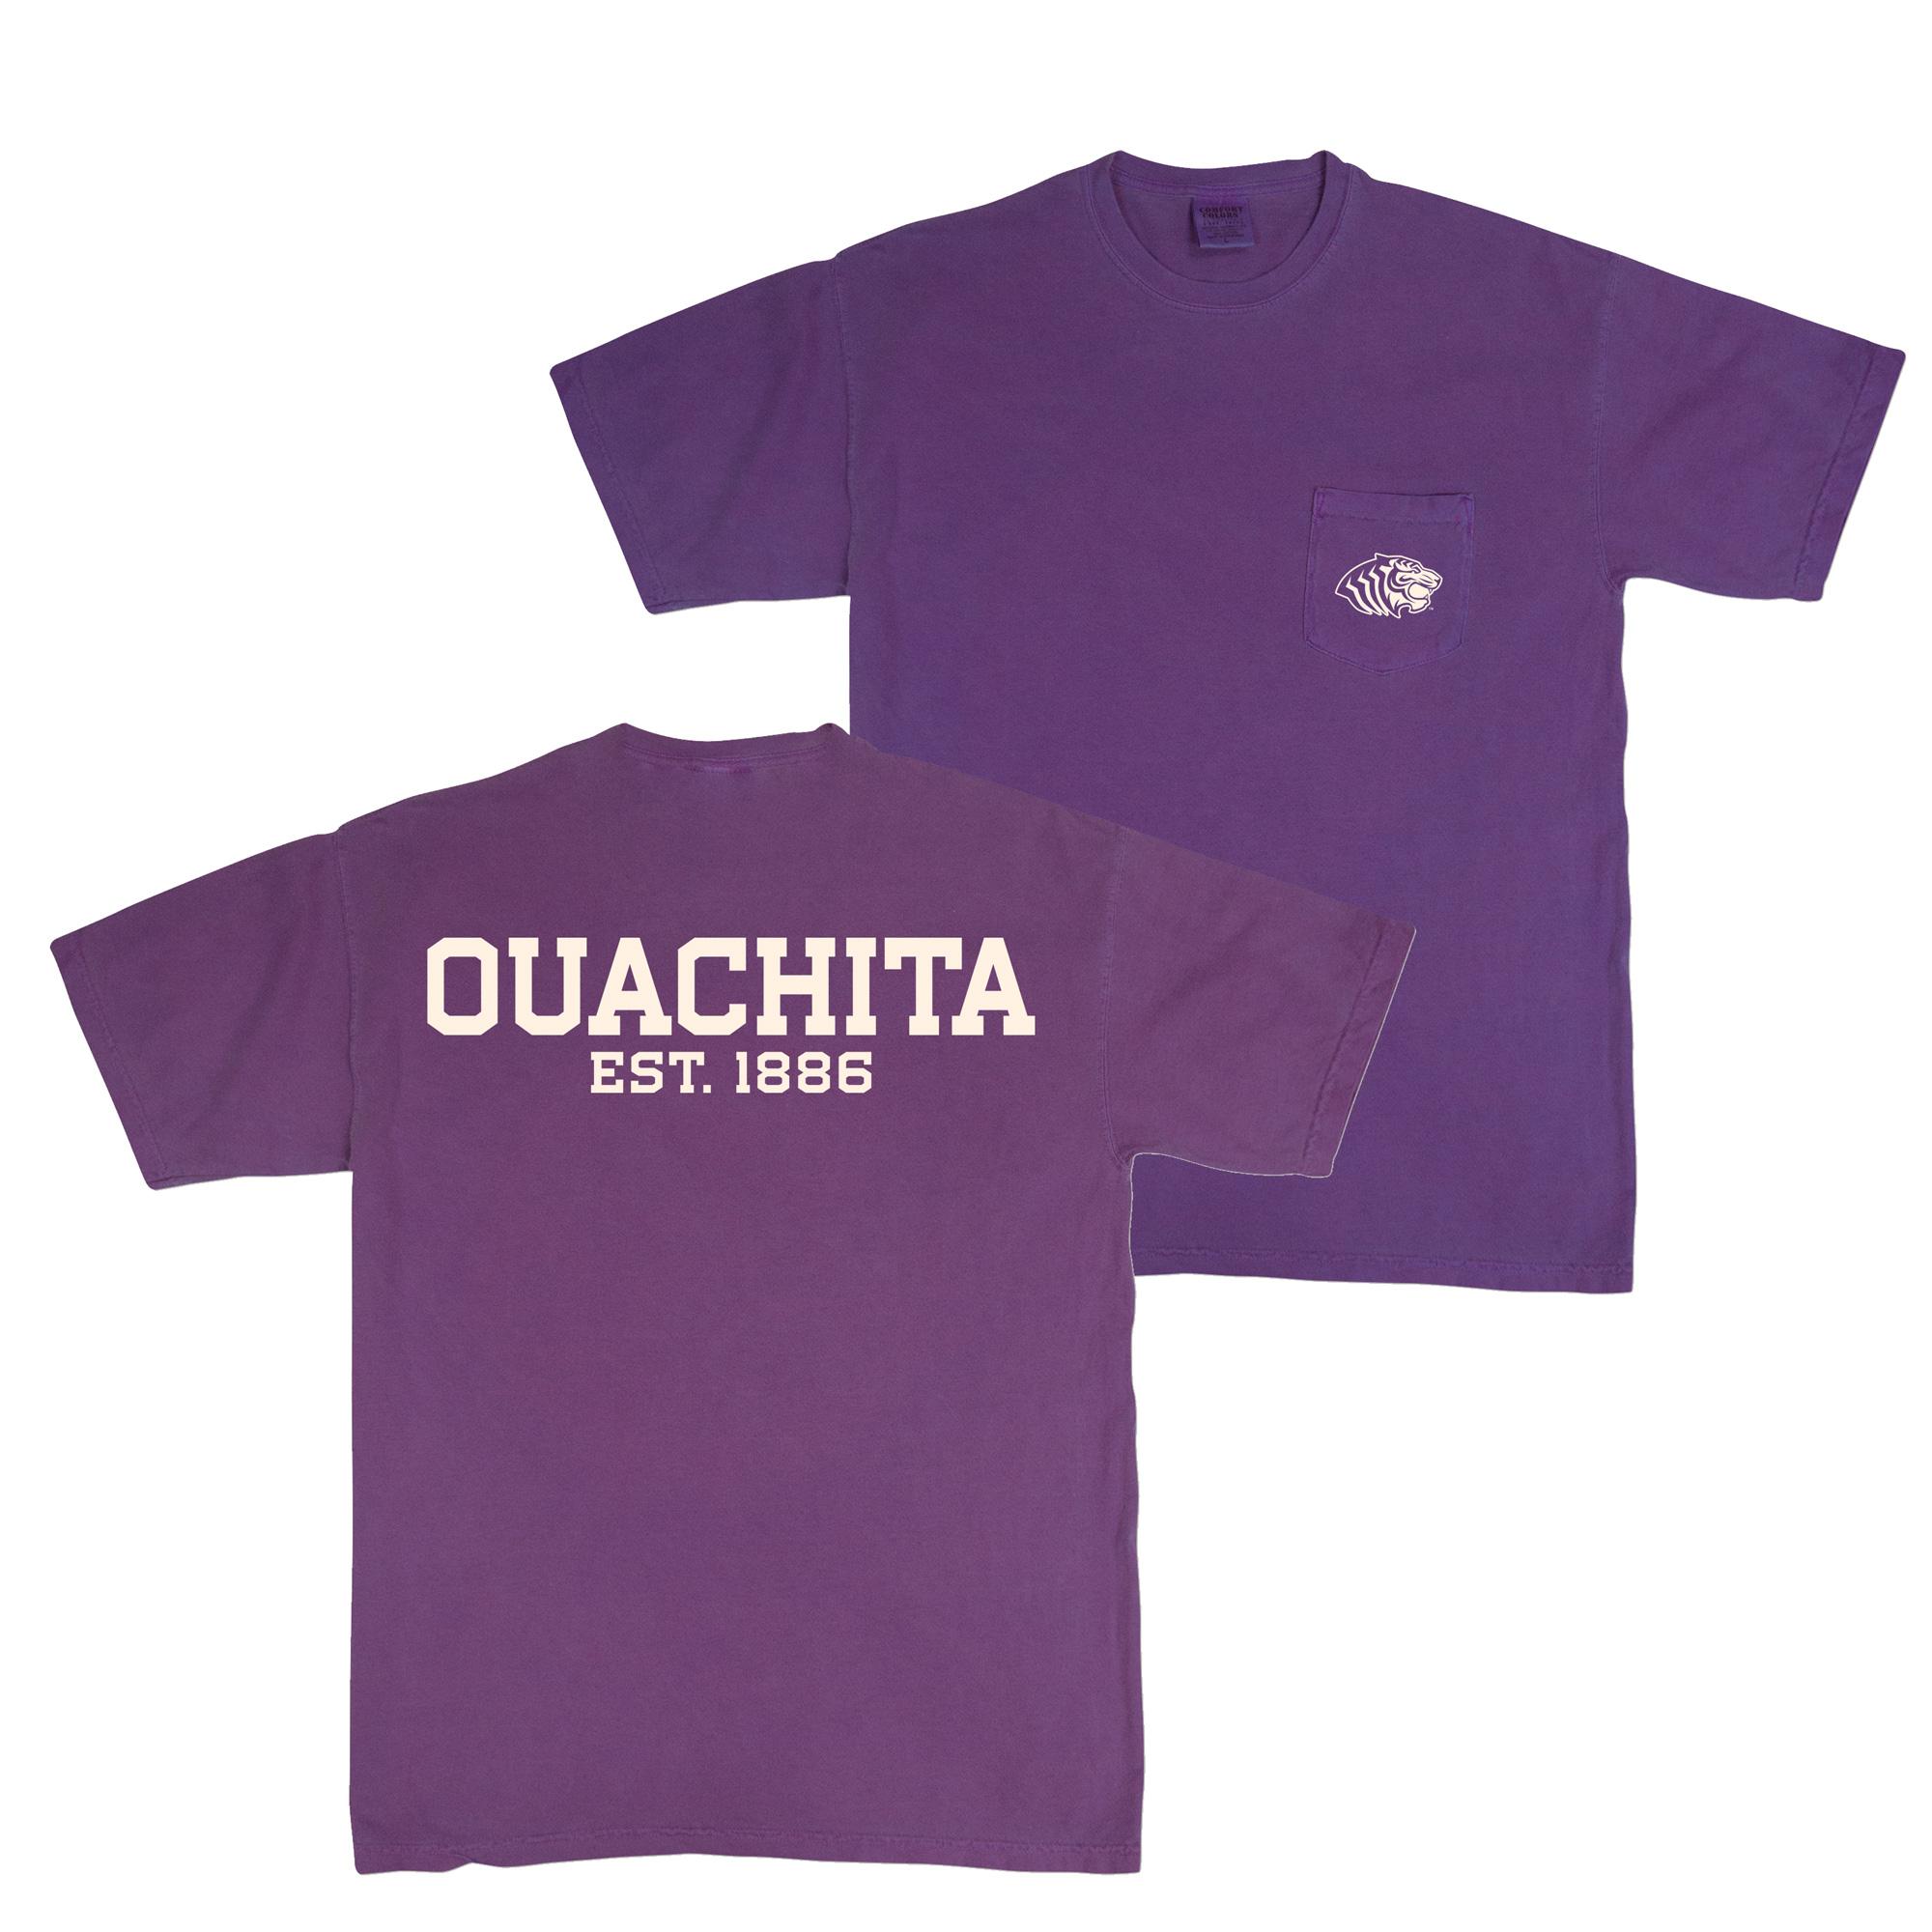 OUACHITA EST 1886 SS TEE